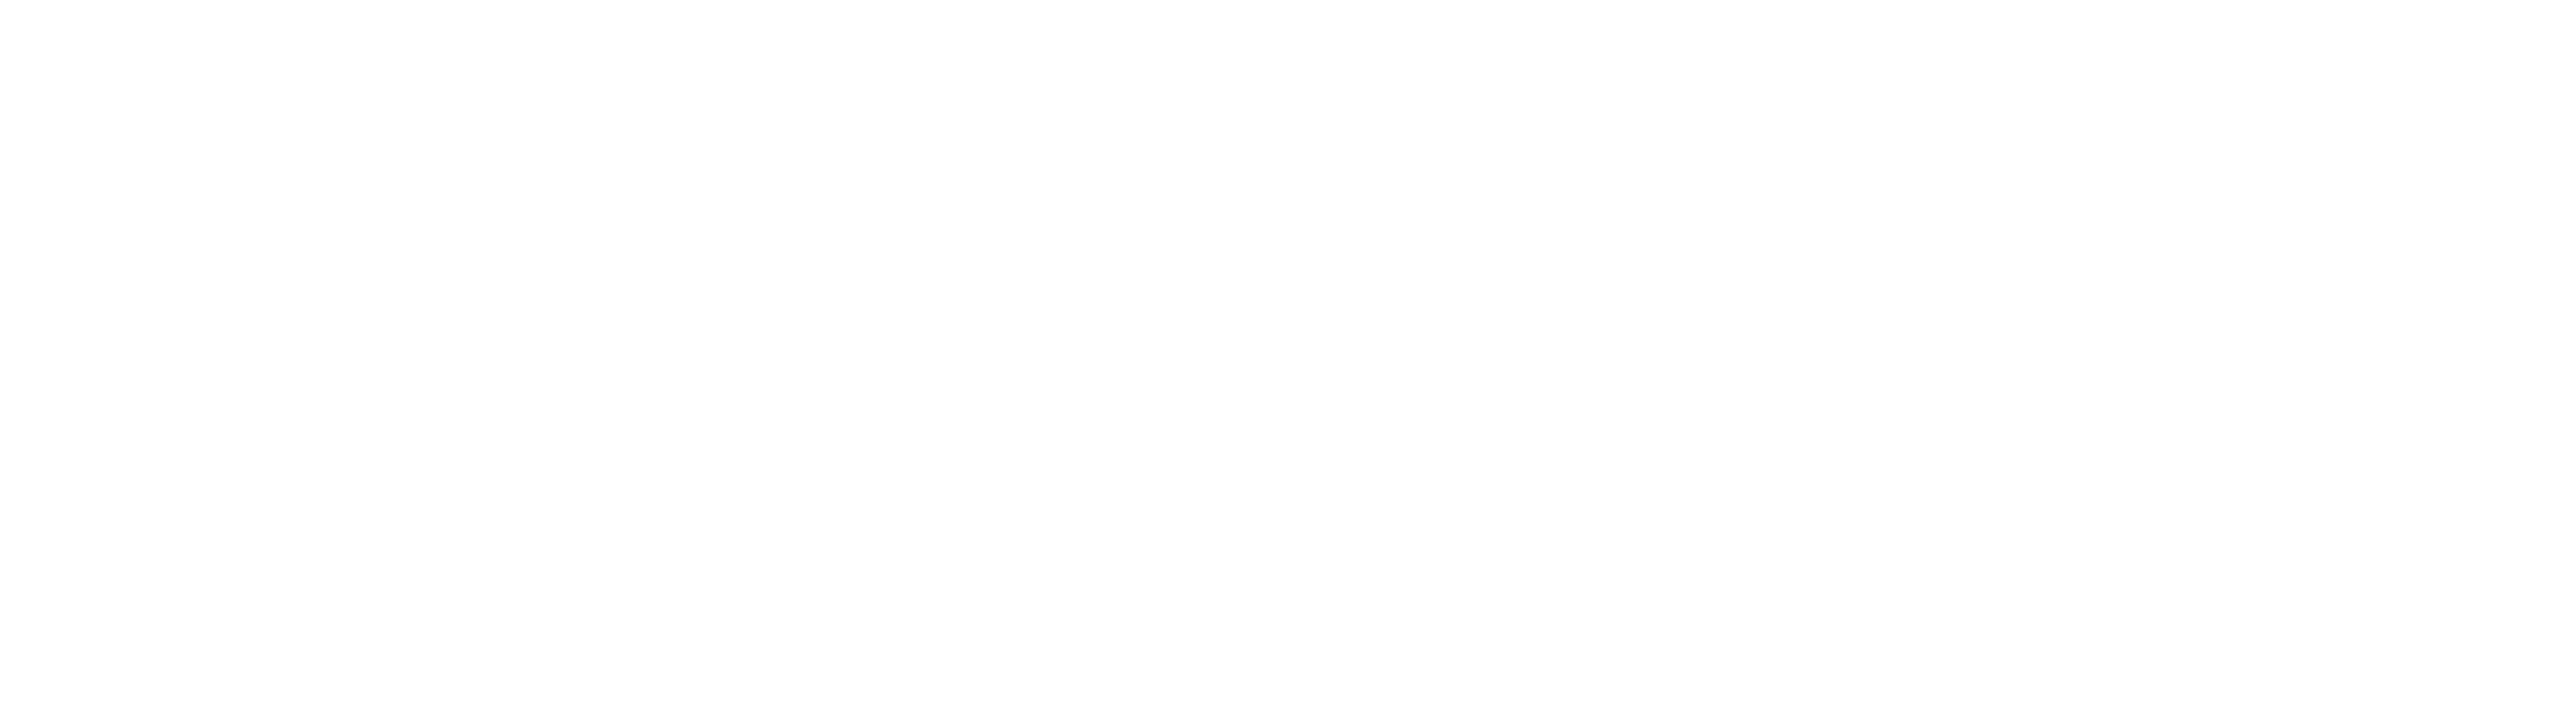 Multicongelados